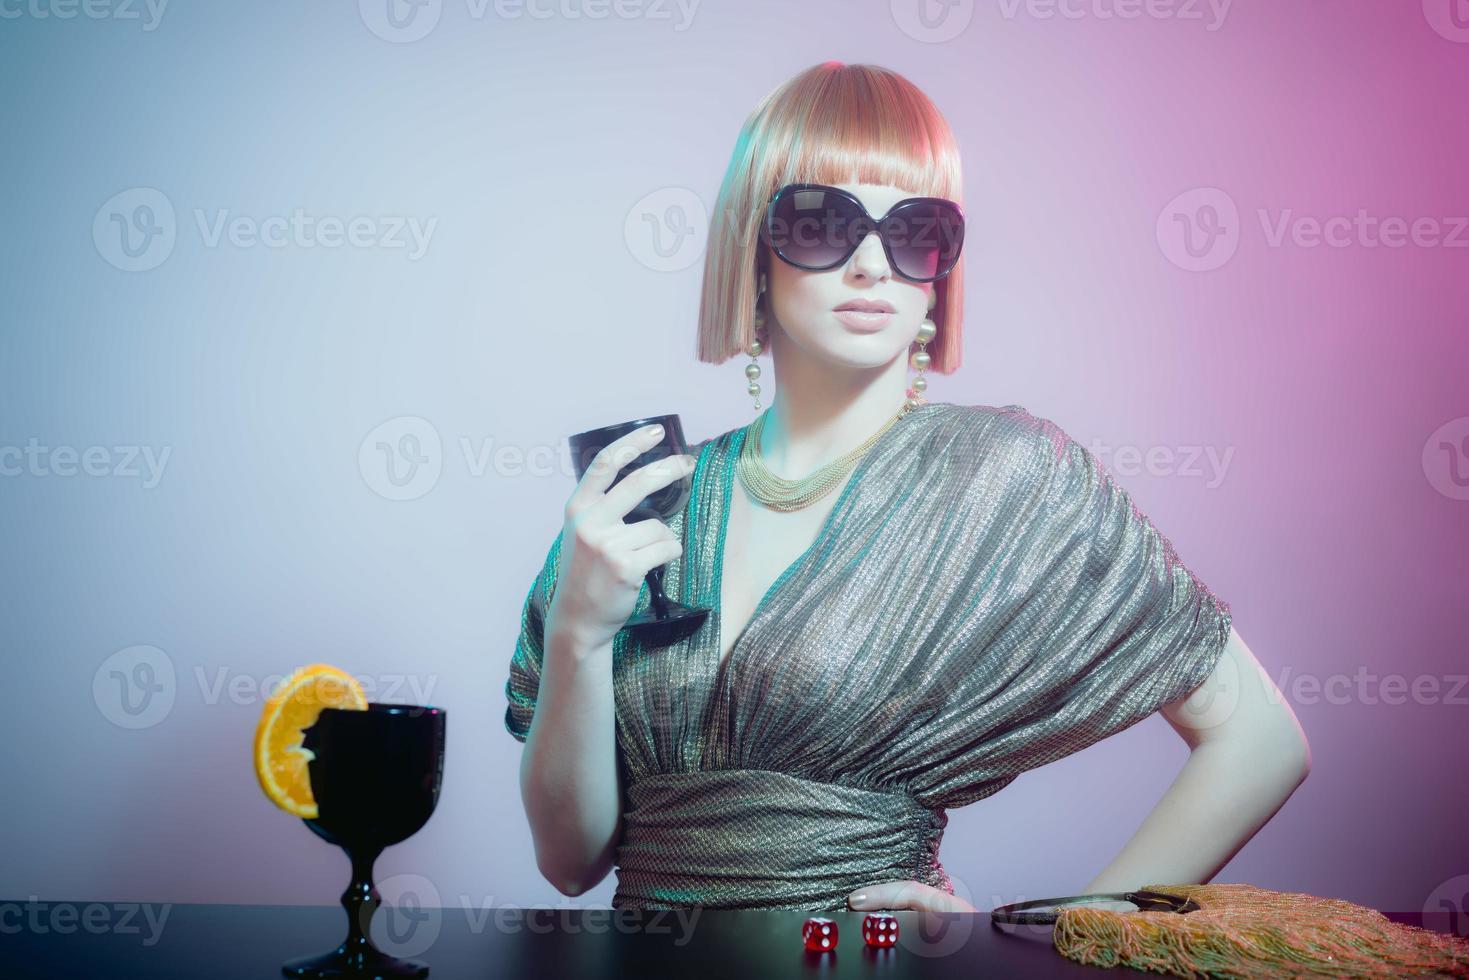 vrouw in zonnebril op bar met wijnglas foto